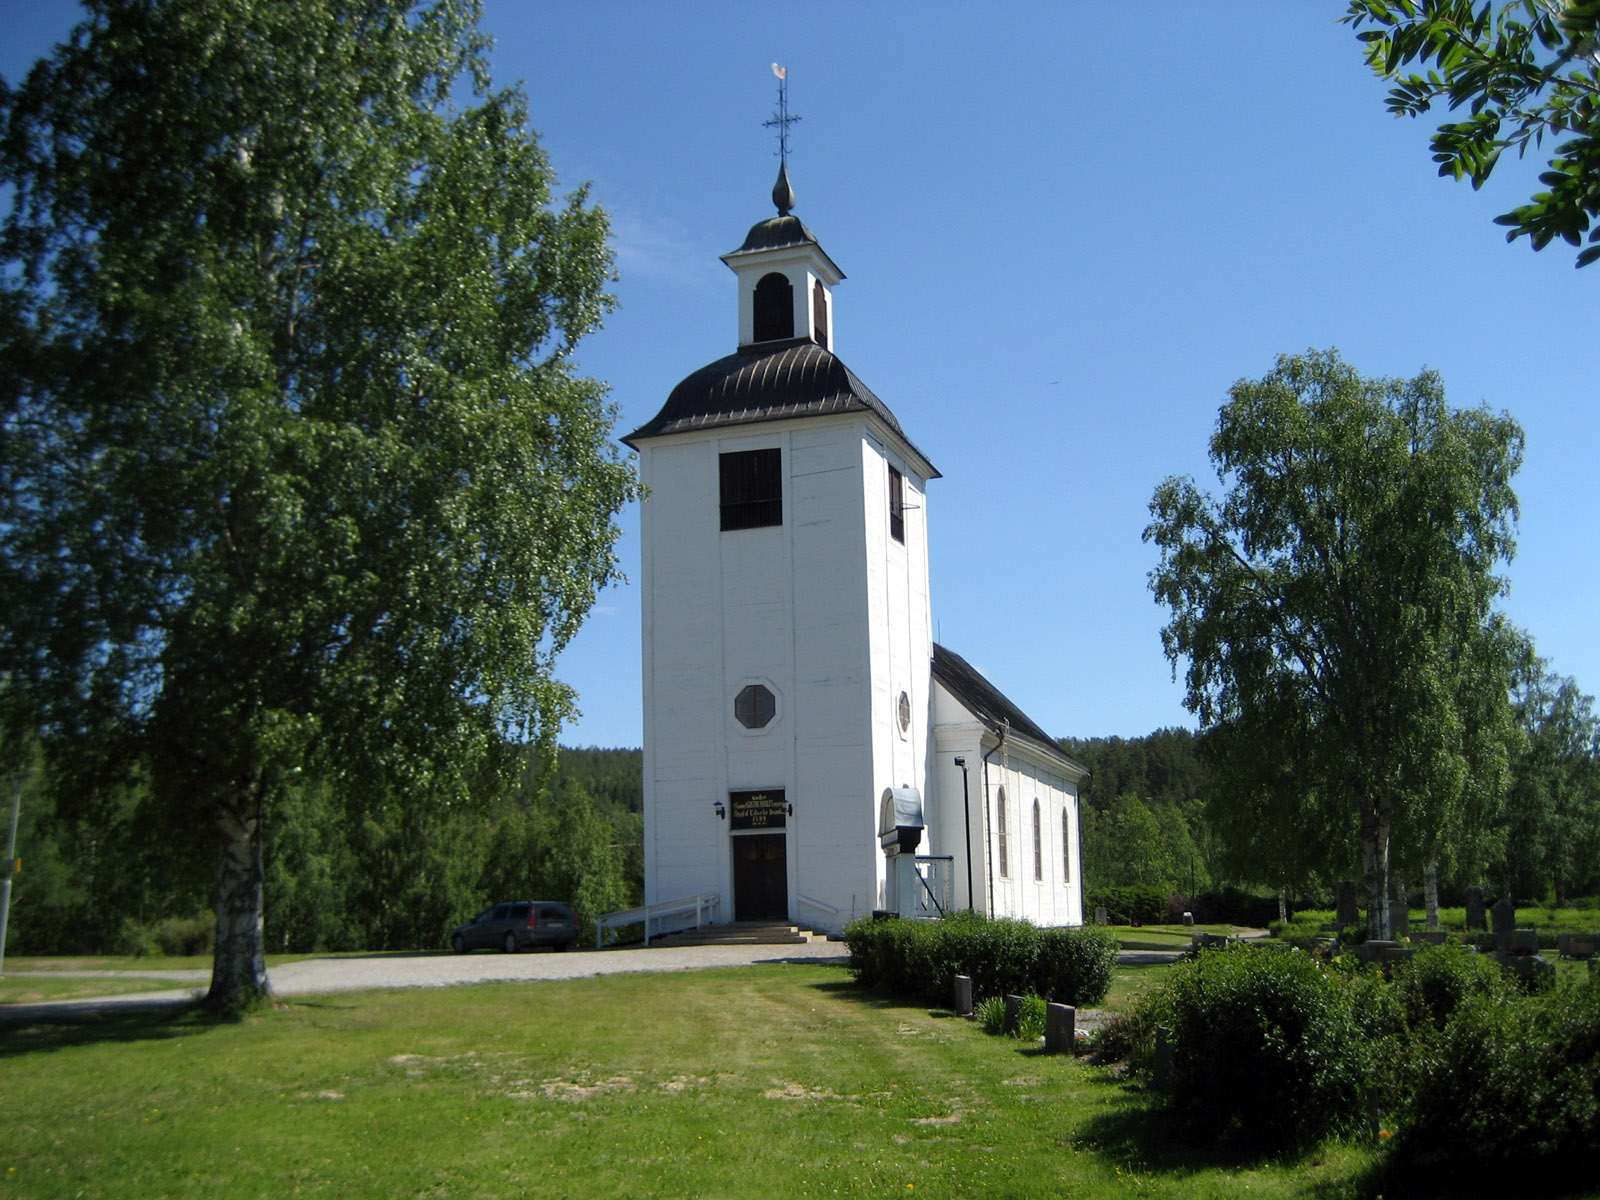 Ramsele socken Wikipedia